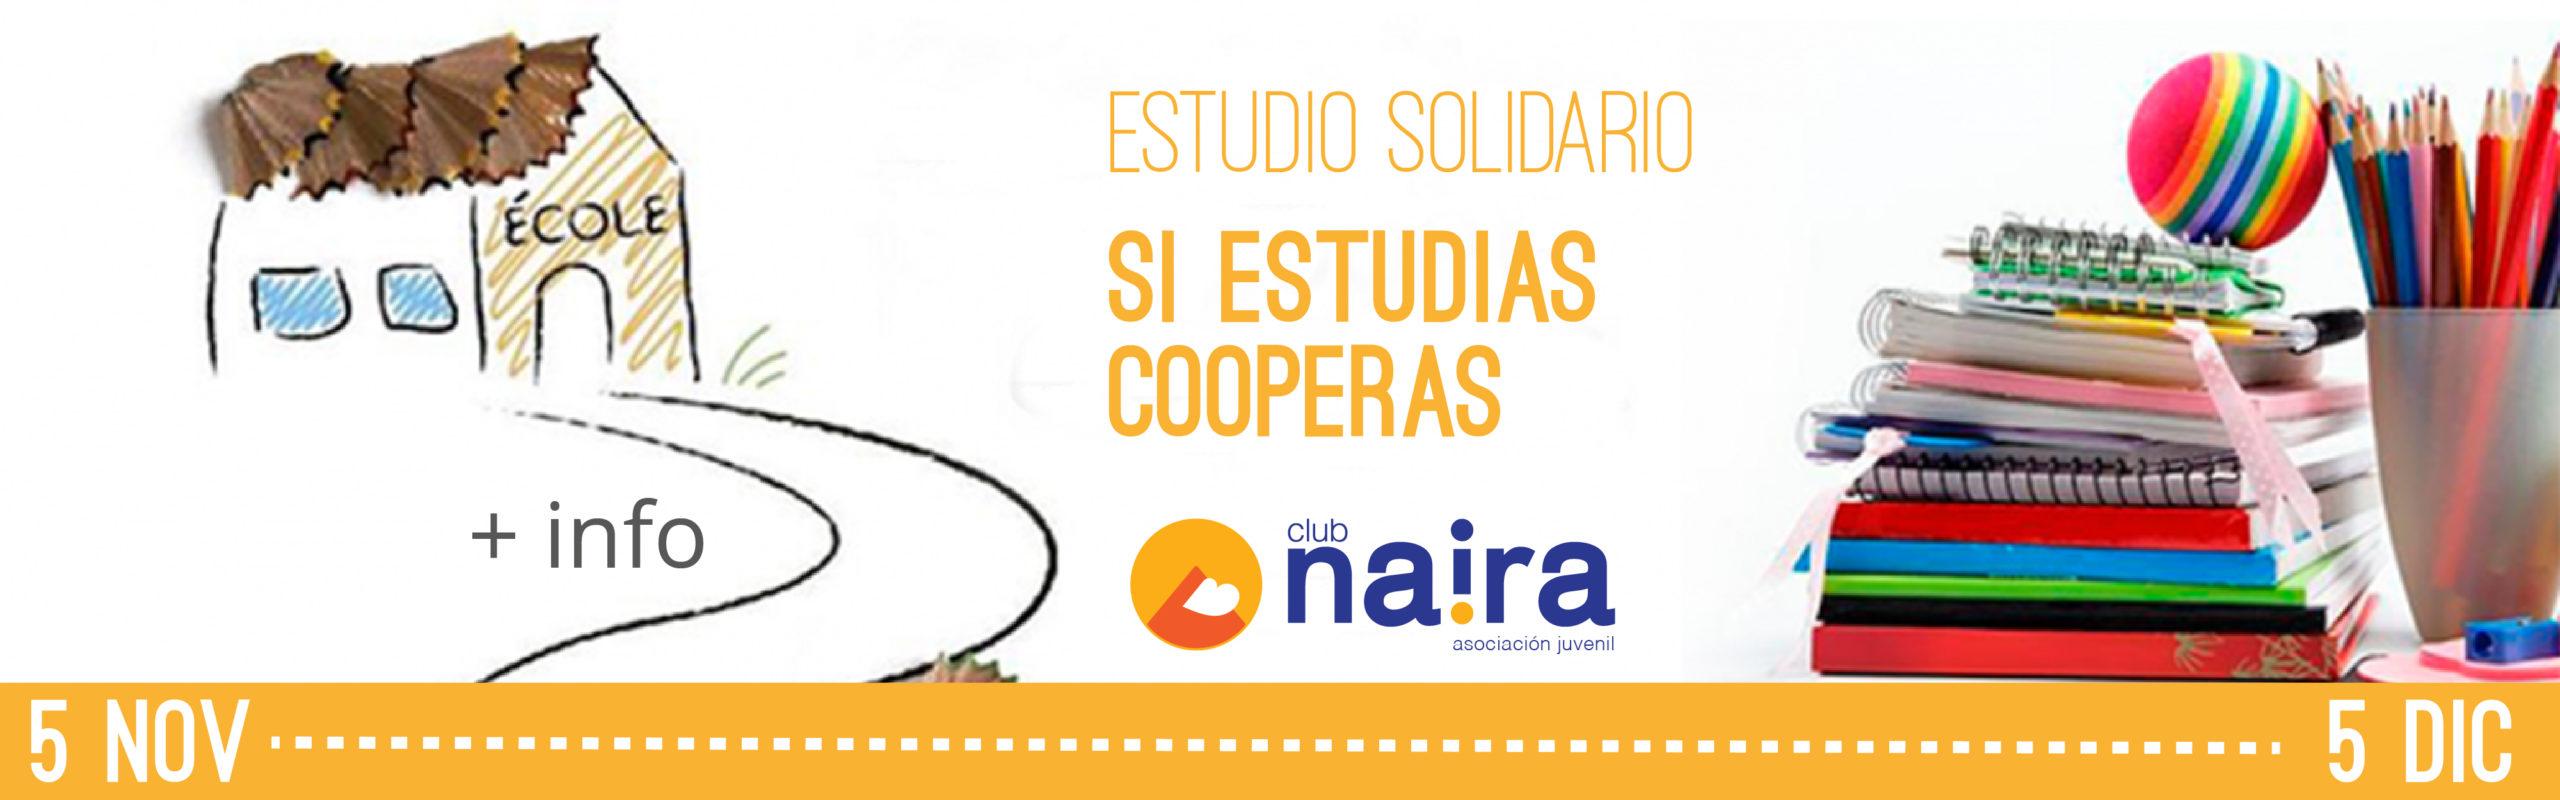 Banner_Estudio_Solidario-01